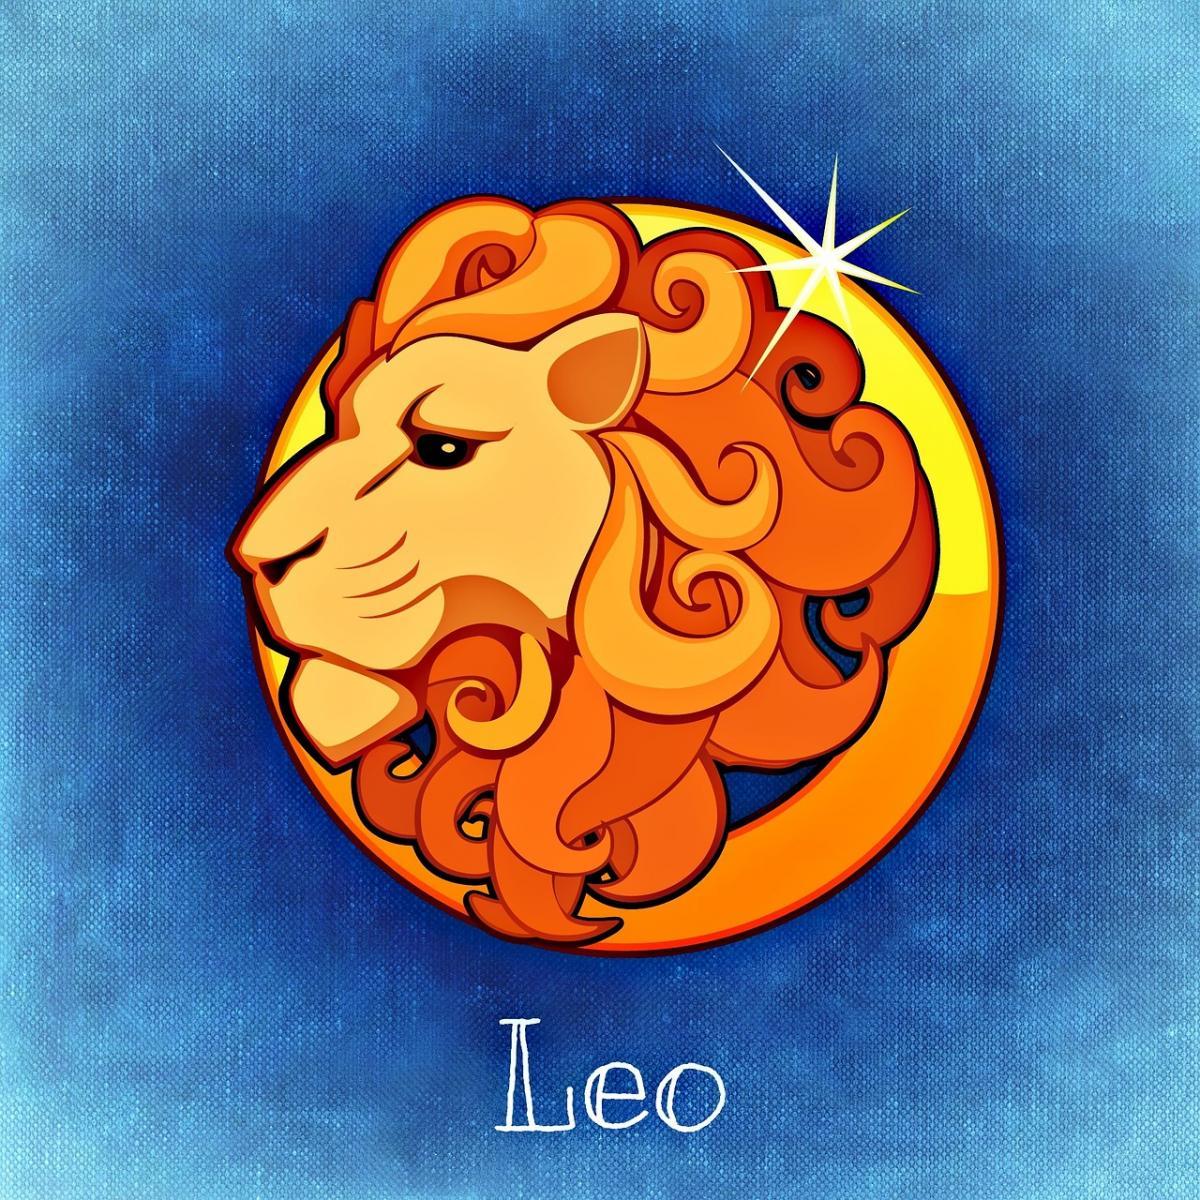 Le Lion et l'amour